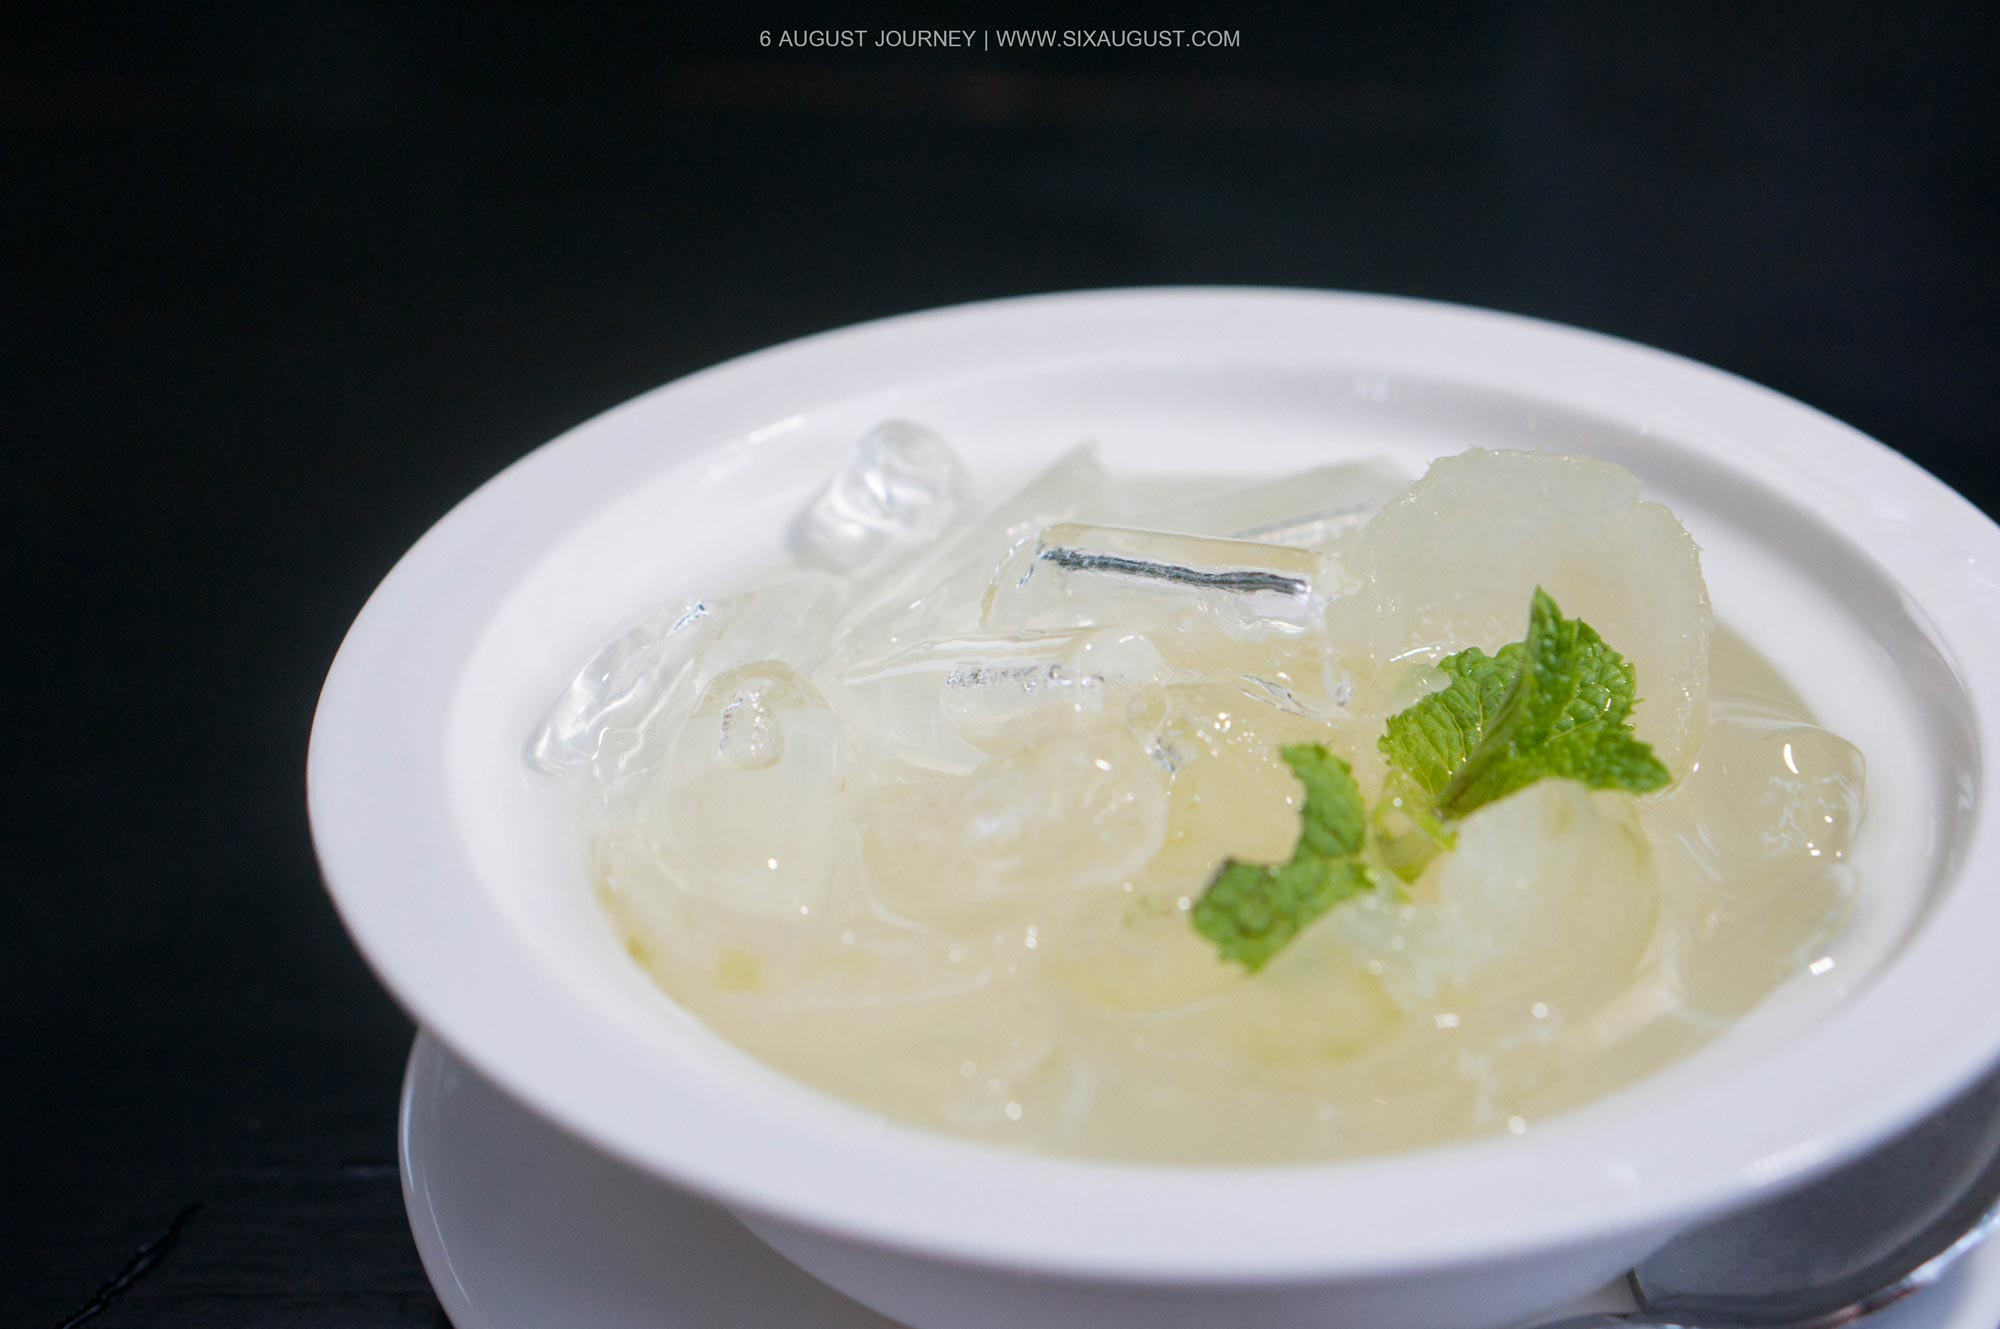 มะกรูดลอยแก้ว ร้าน Nye Cafestaurant